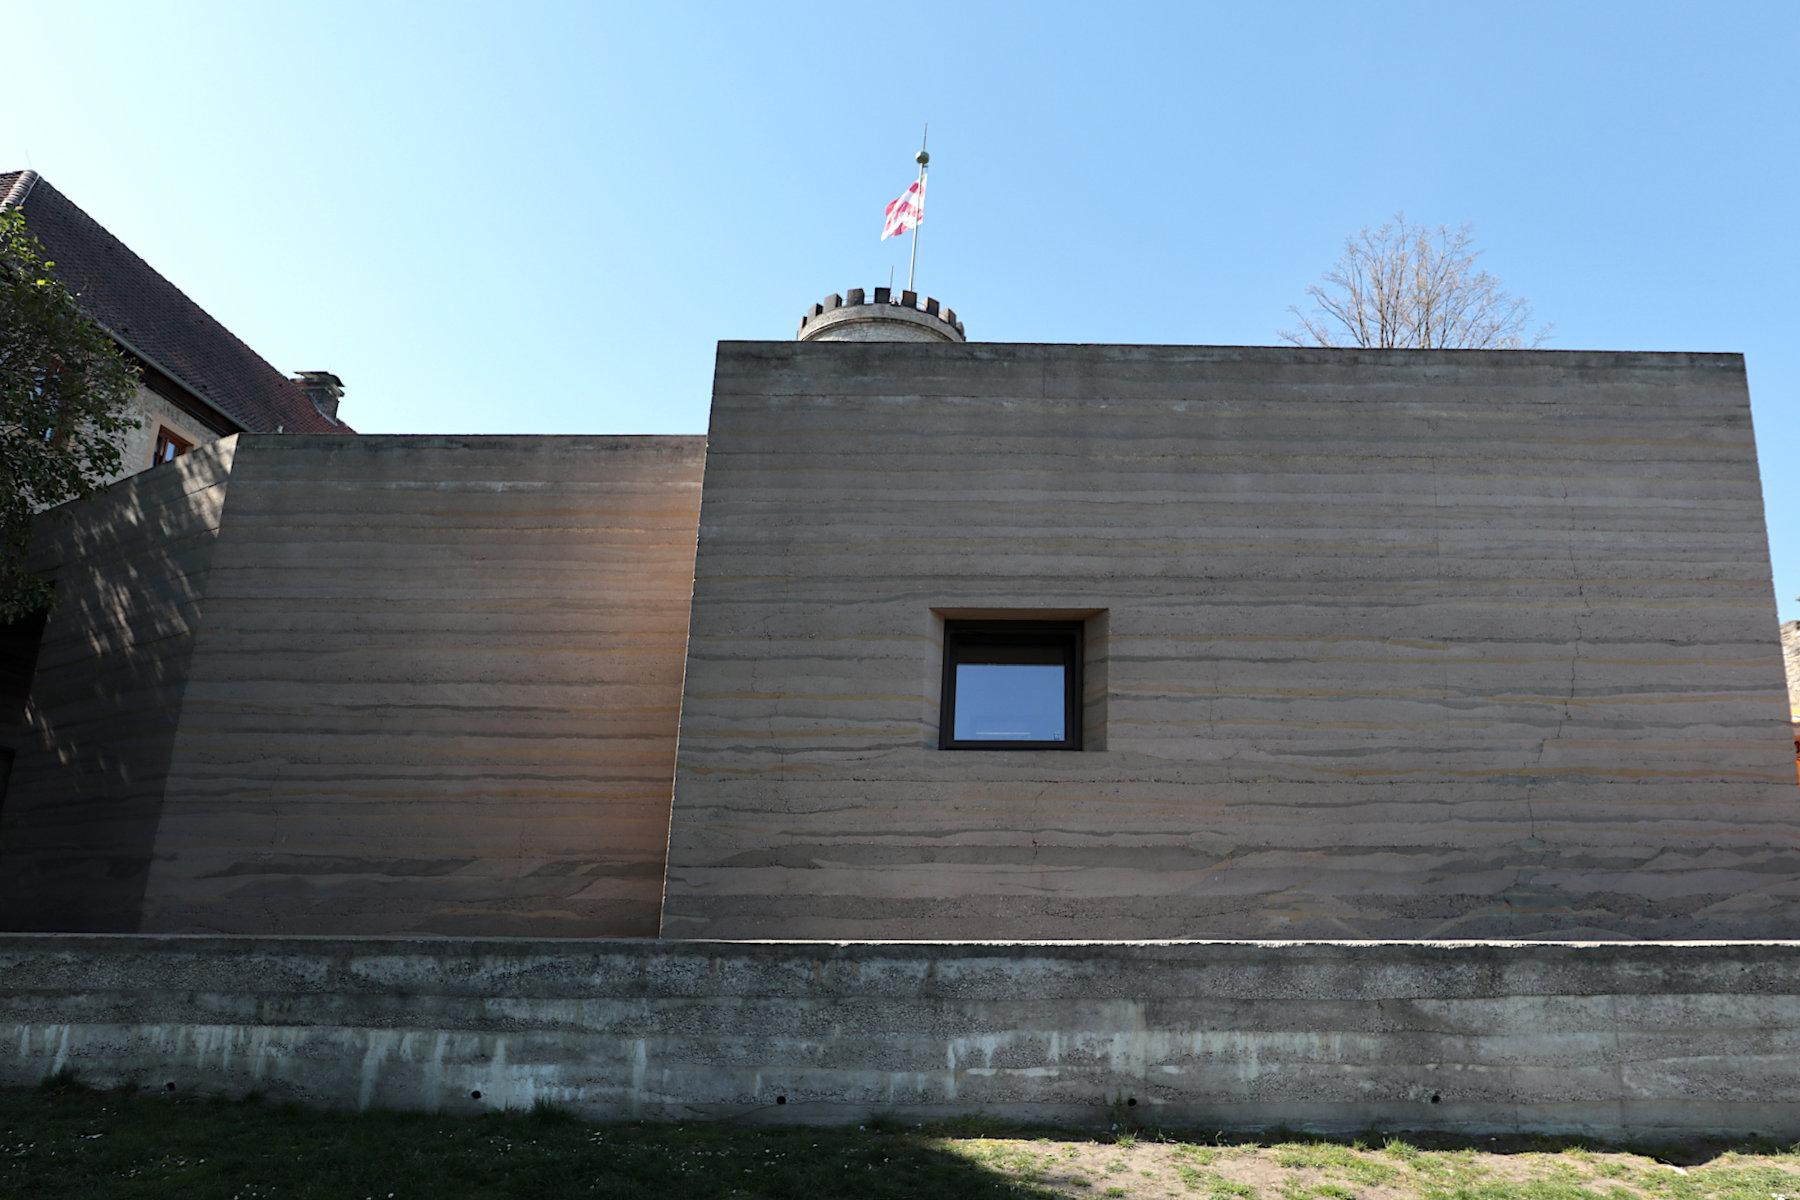 Sparrenburg. Seit 2014 empfängt ein neues Besucherzentrum nach Entwürfen von Max Dudler und Simone Boldrin.